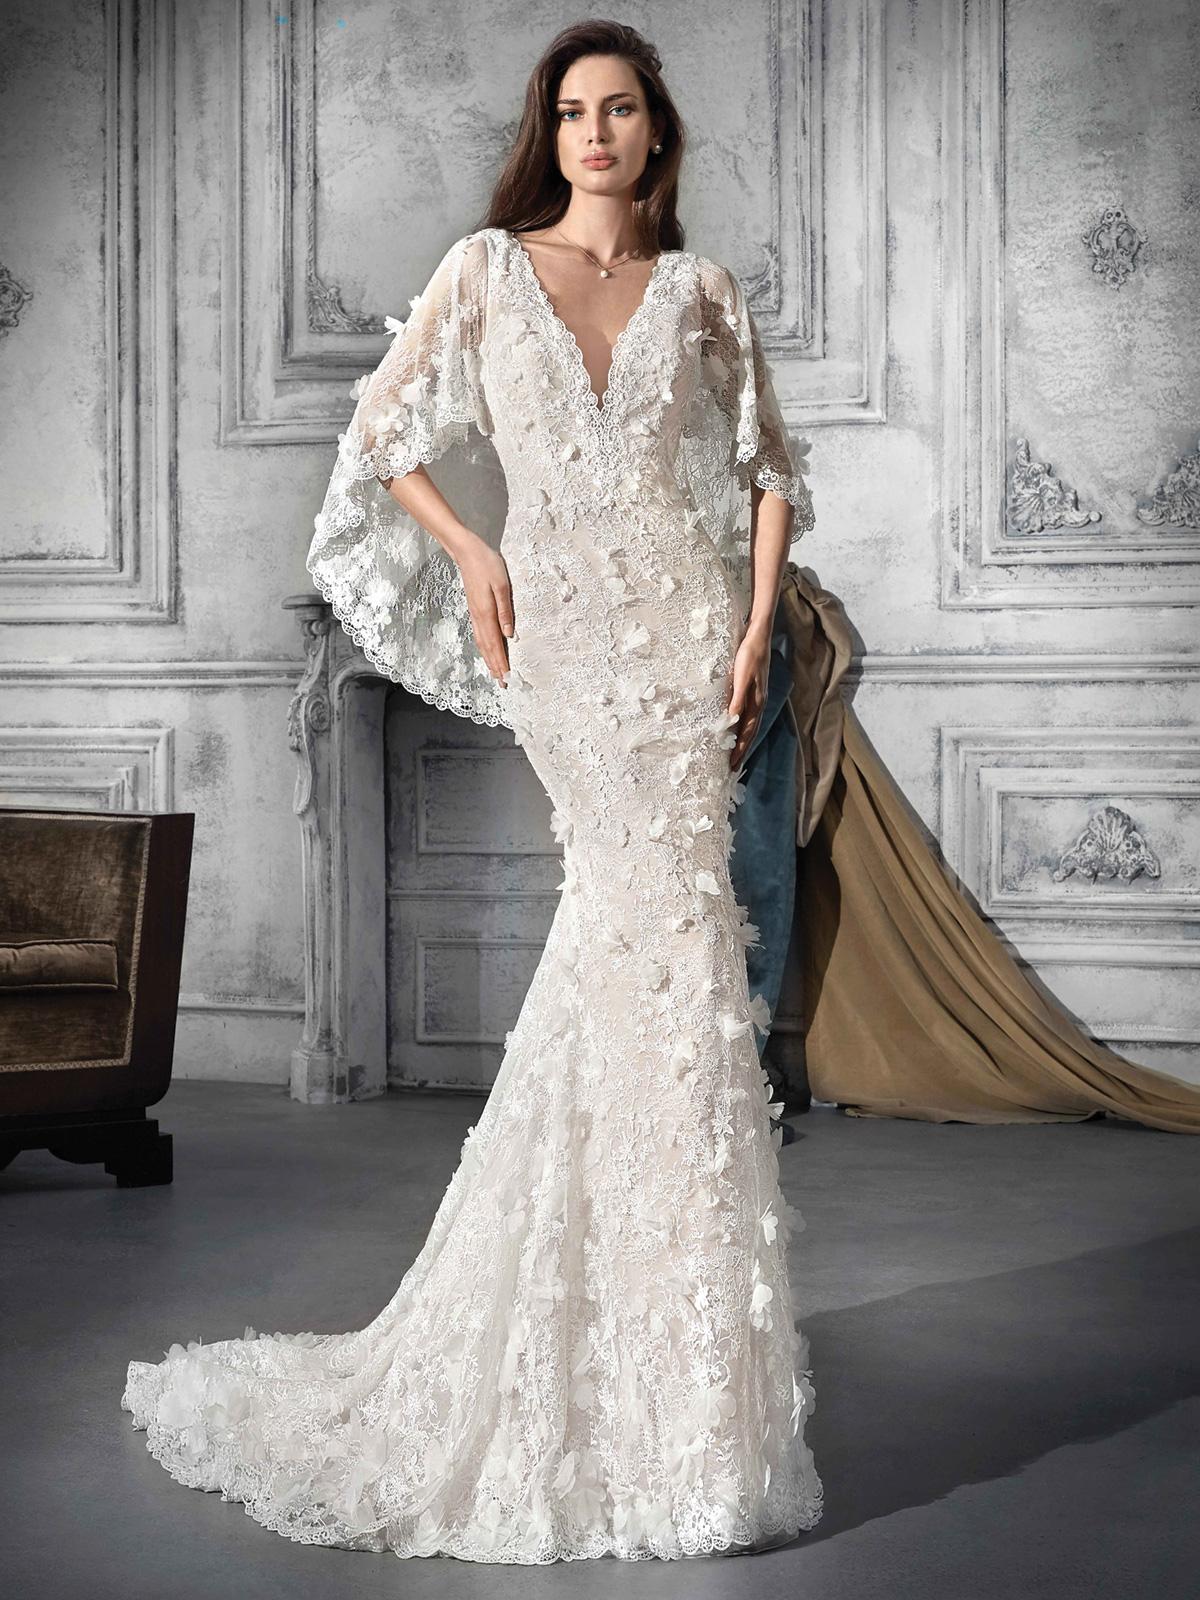 Vestido de Noiva de renda sofisticado e exclusivo !! Renda toda trabalhada com caimento impecável !